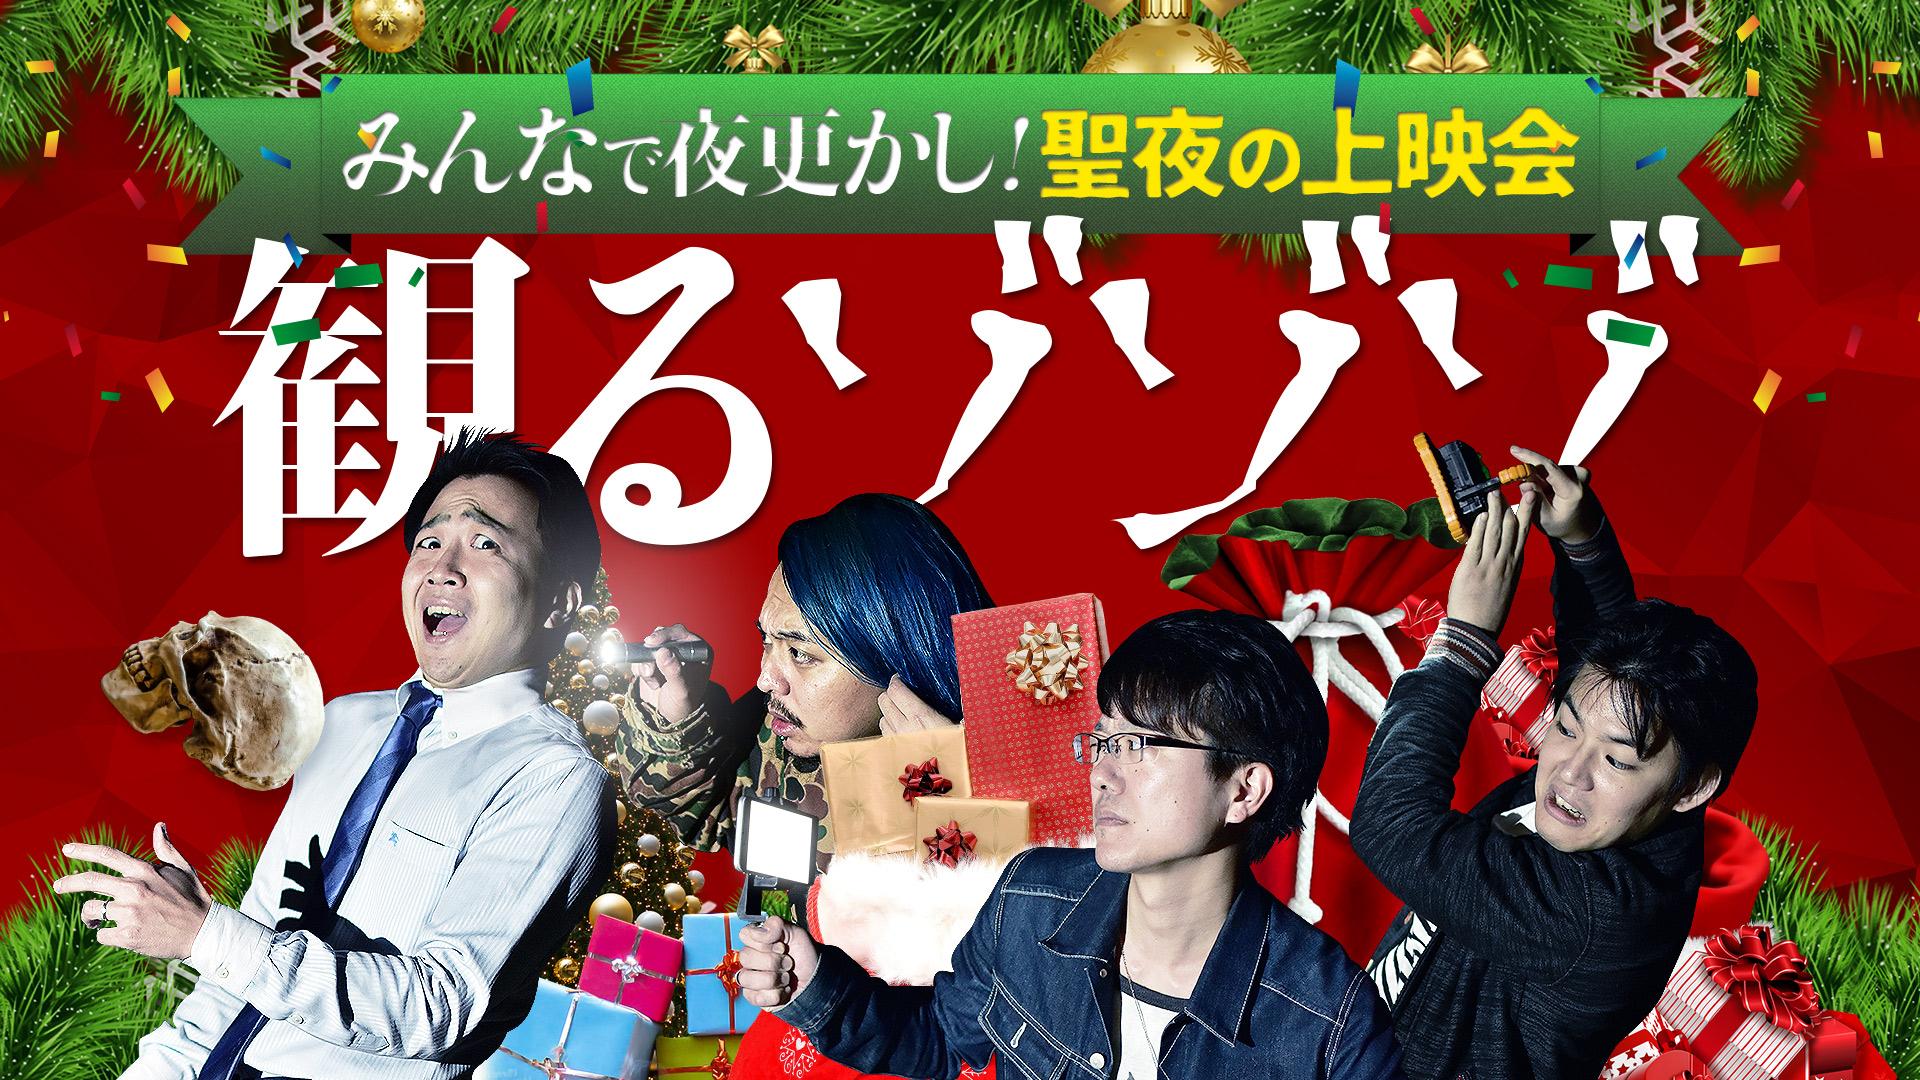 クリスマスはみんな家で夜更かしだ!ゾゾゾ聖夜の上映会が12/24(金)21時よりYouTubeプレミア配信決定!